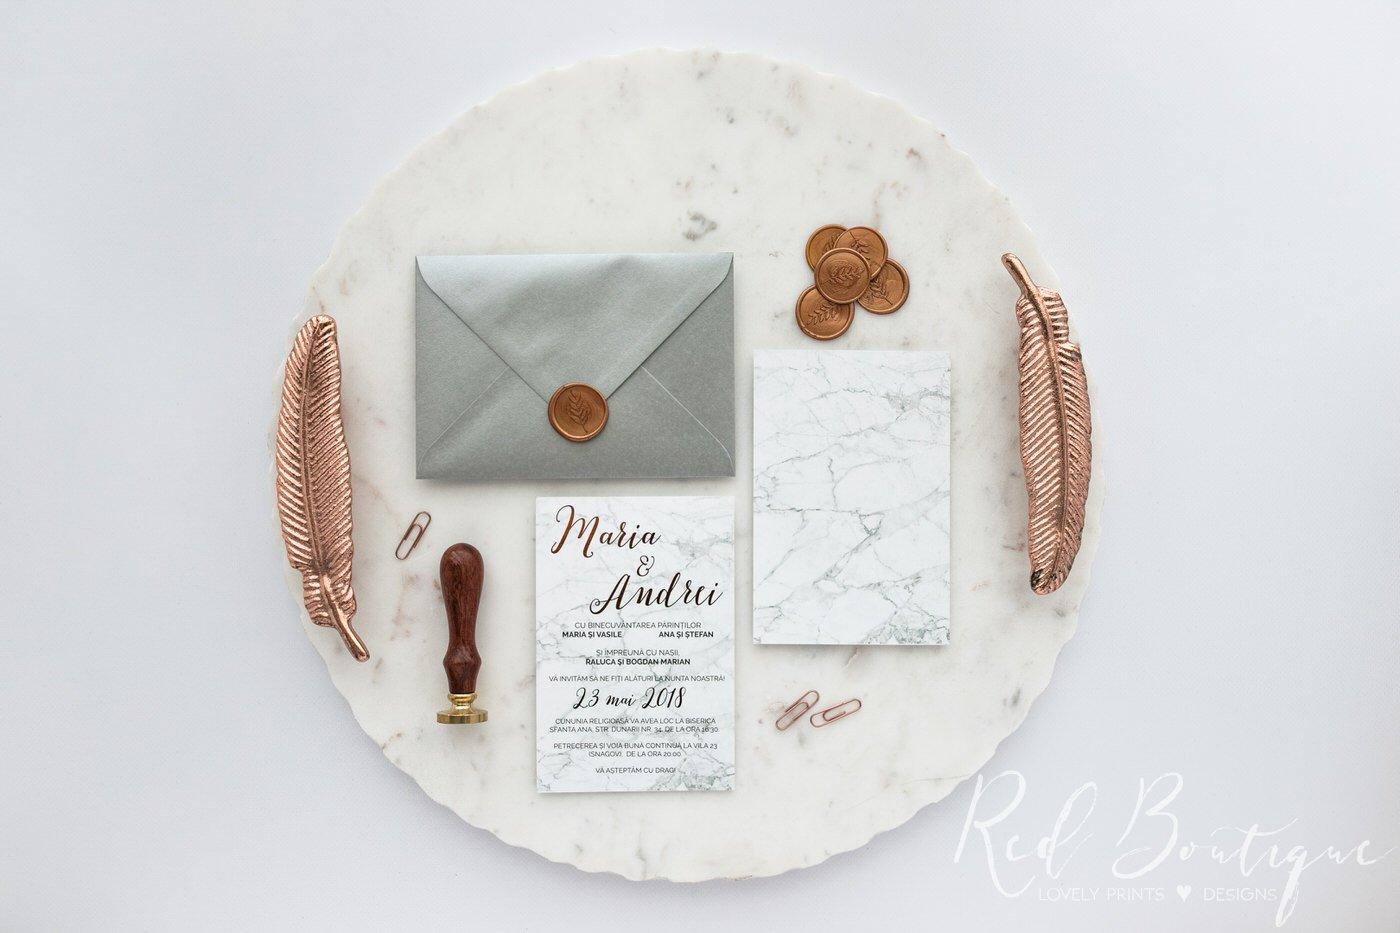 invitatie cu marmura si scris rose gold cu plic argintiu cu sigiliu de ceara